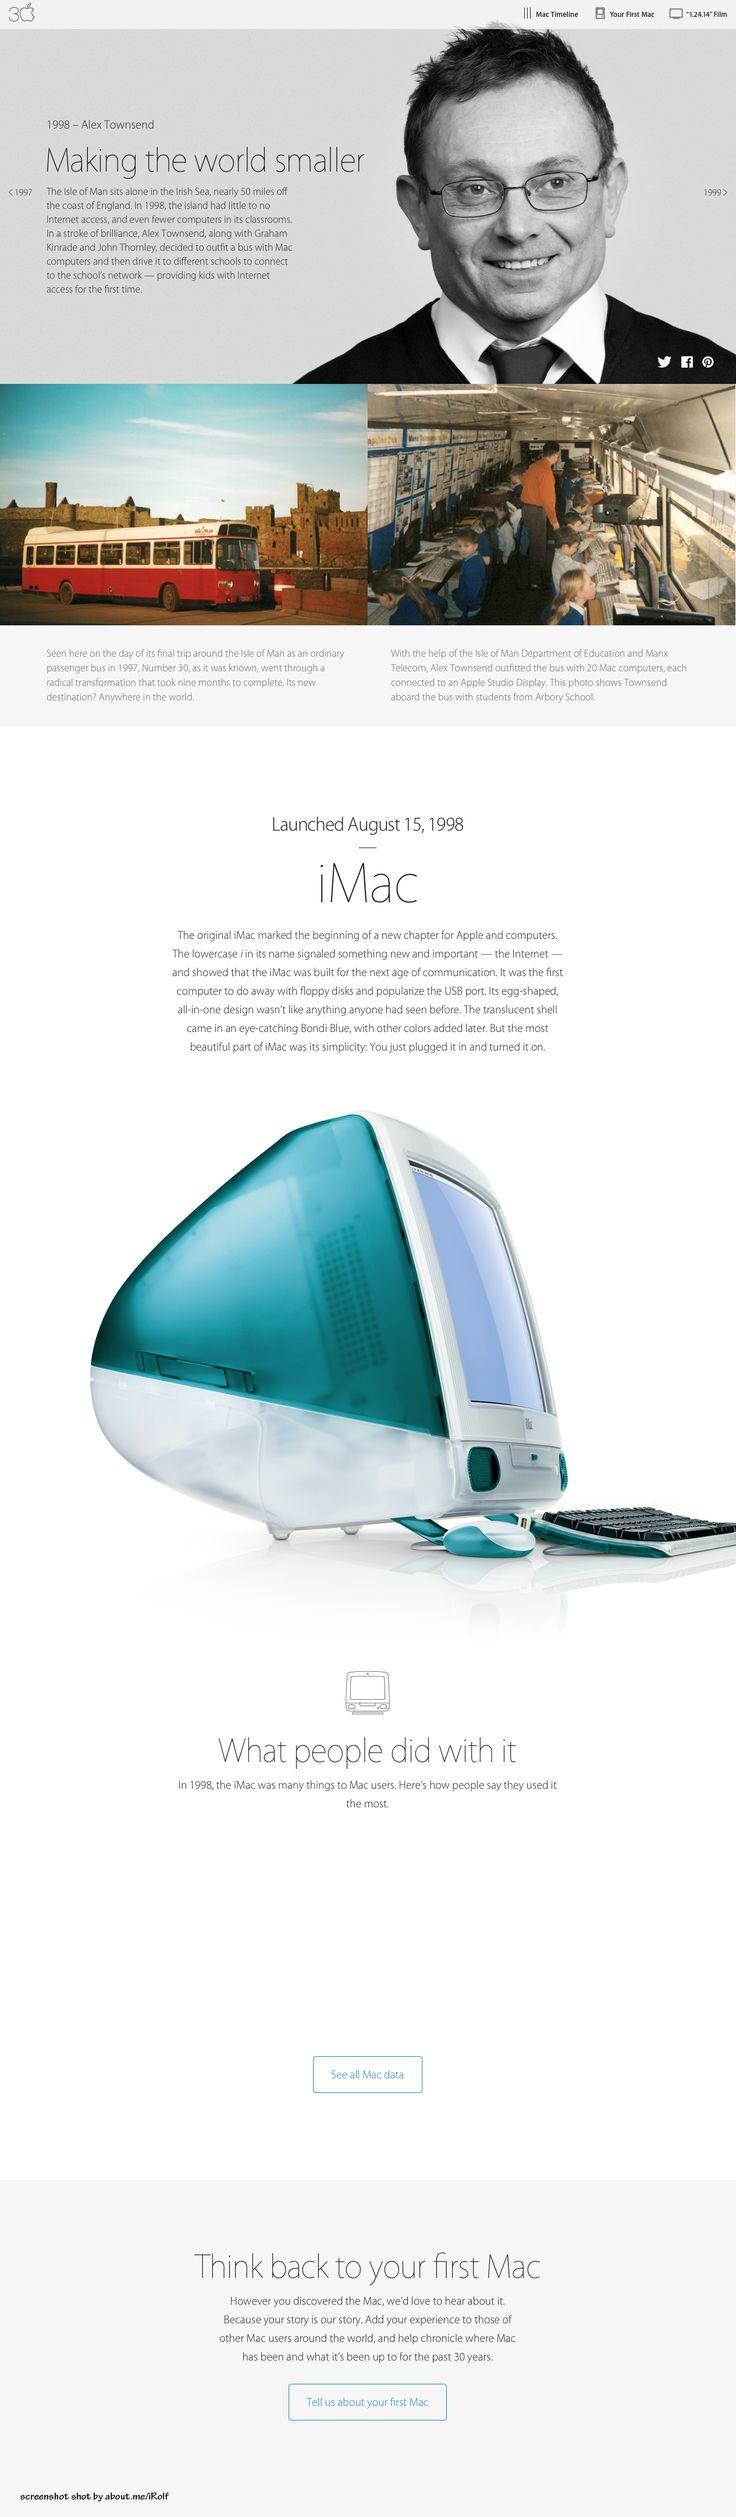 Apple mac 30 2014 01 24 off l anniversary mini site